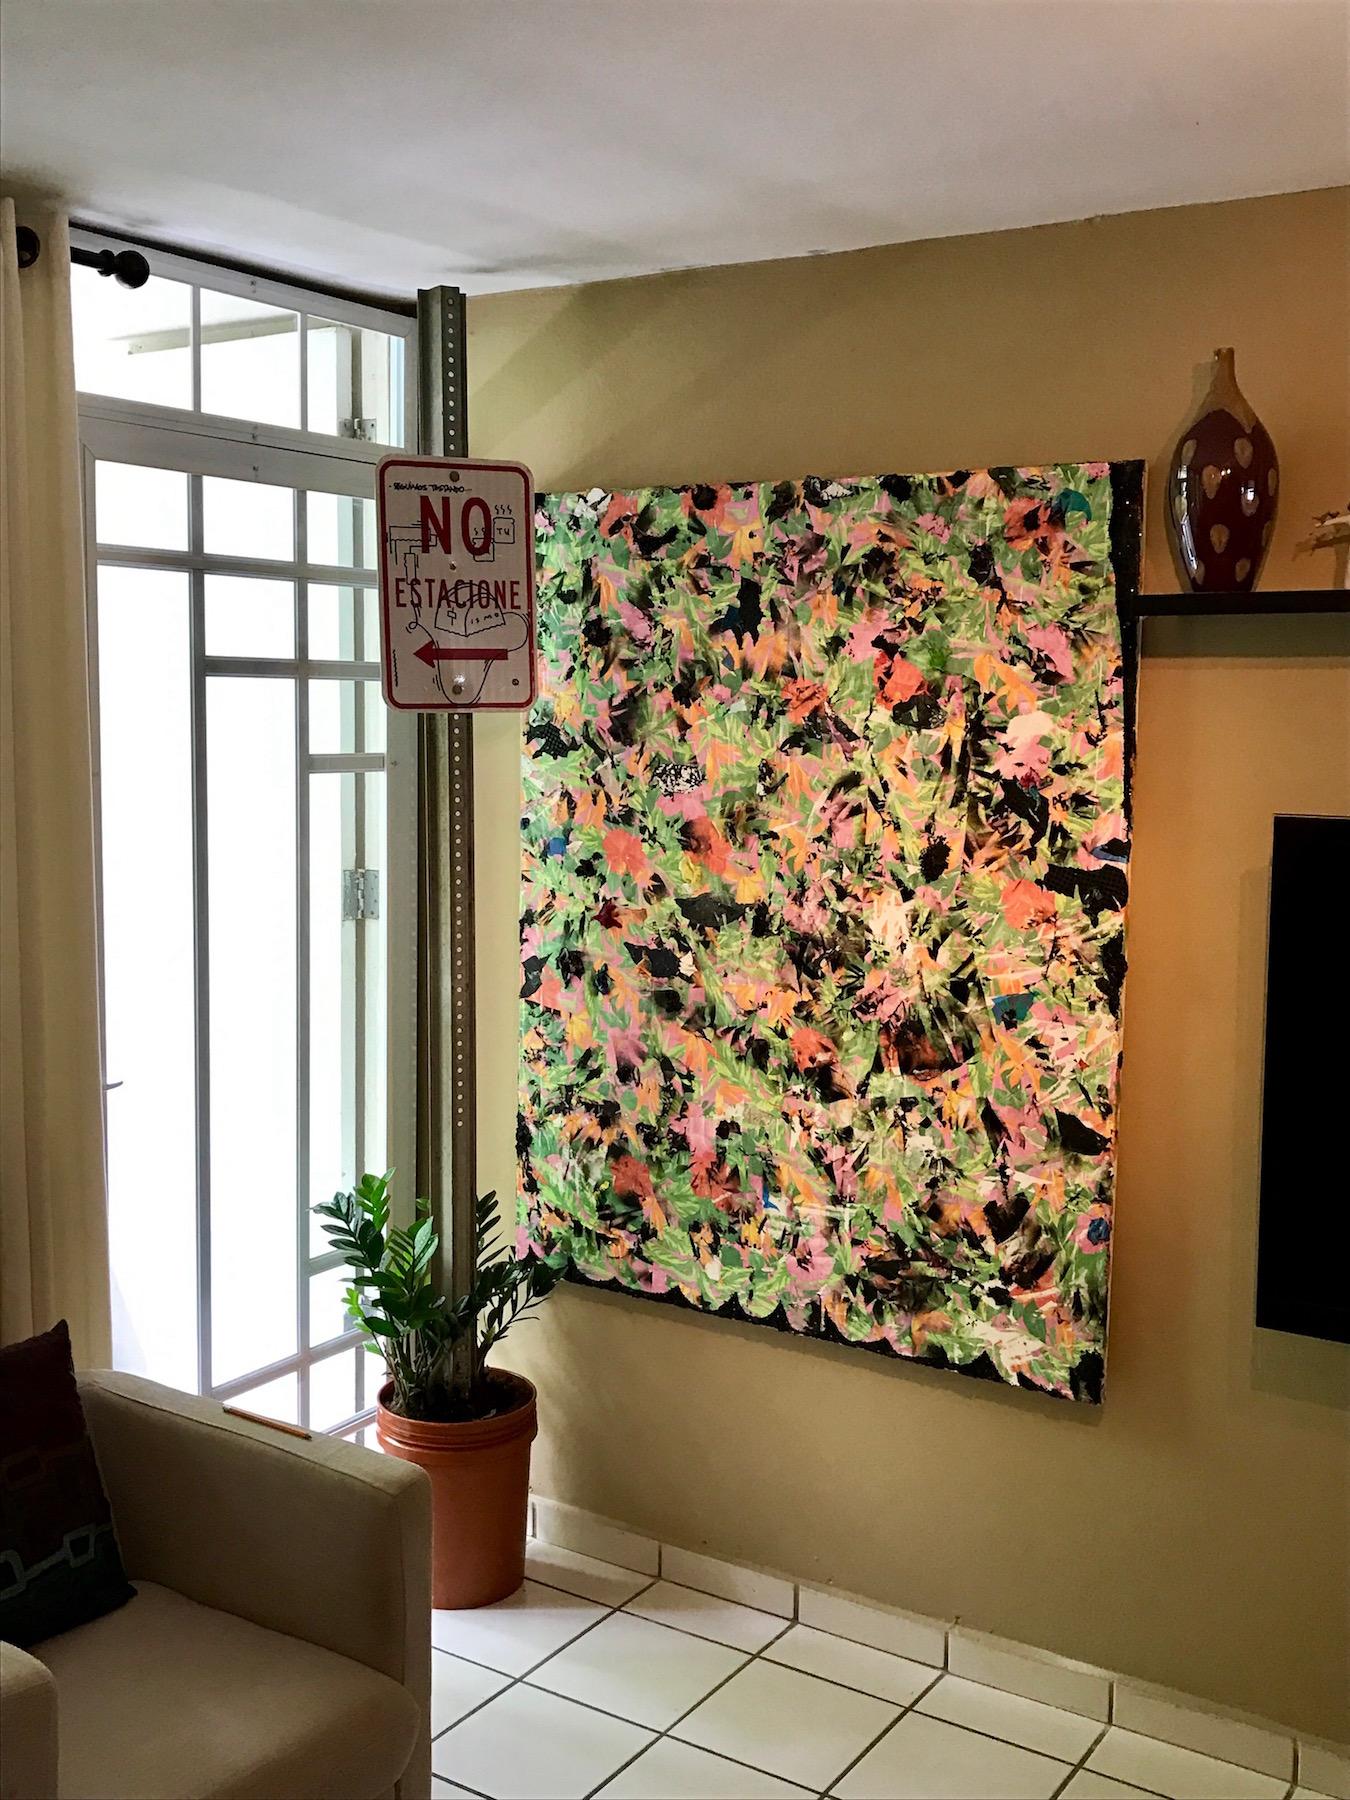 """From the left: artwork by Bik Ismo; and Sebastián Vallejo, """"Despertar en Enero 2"""", mixed media on canvas. Courtesy of Antonio Castro Barreto."""